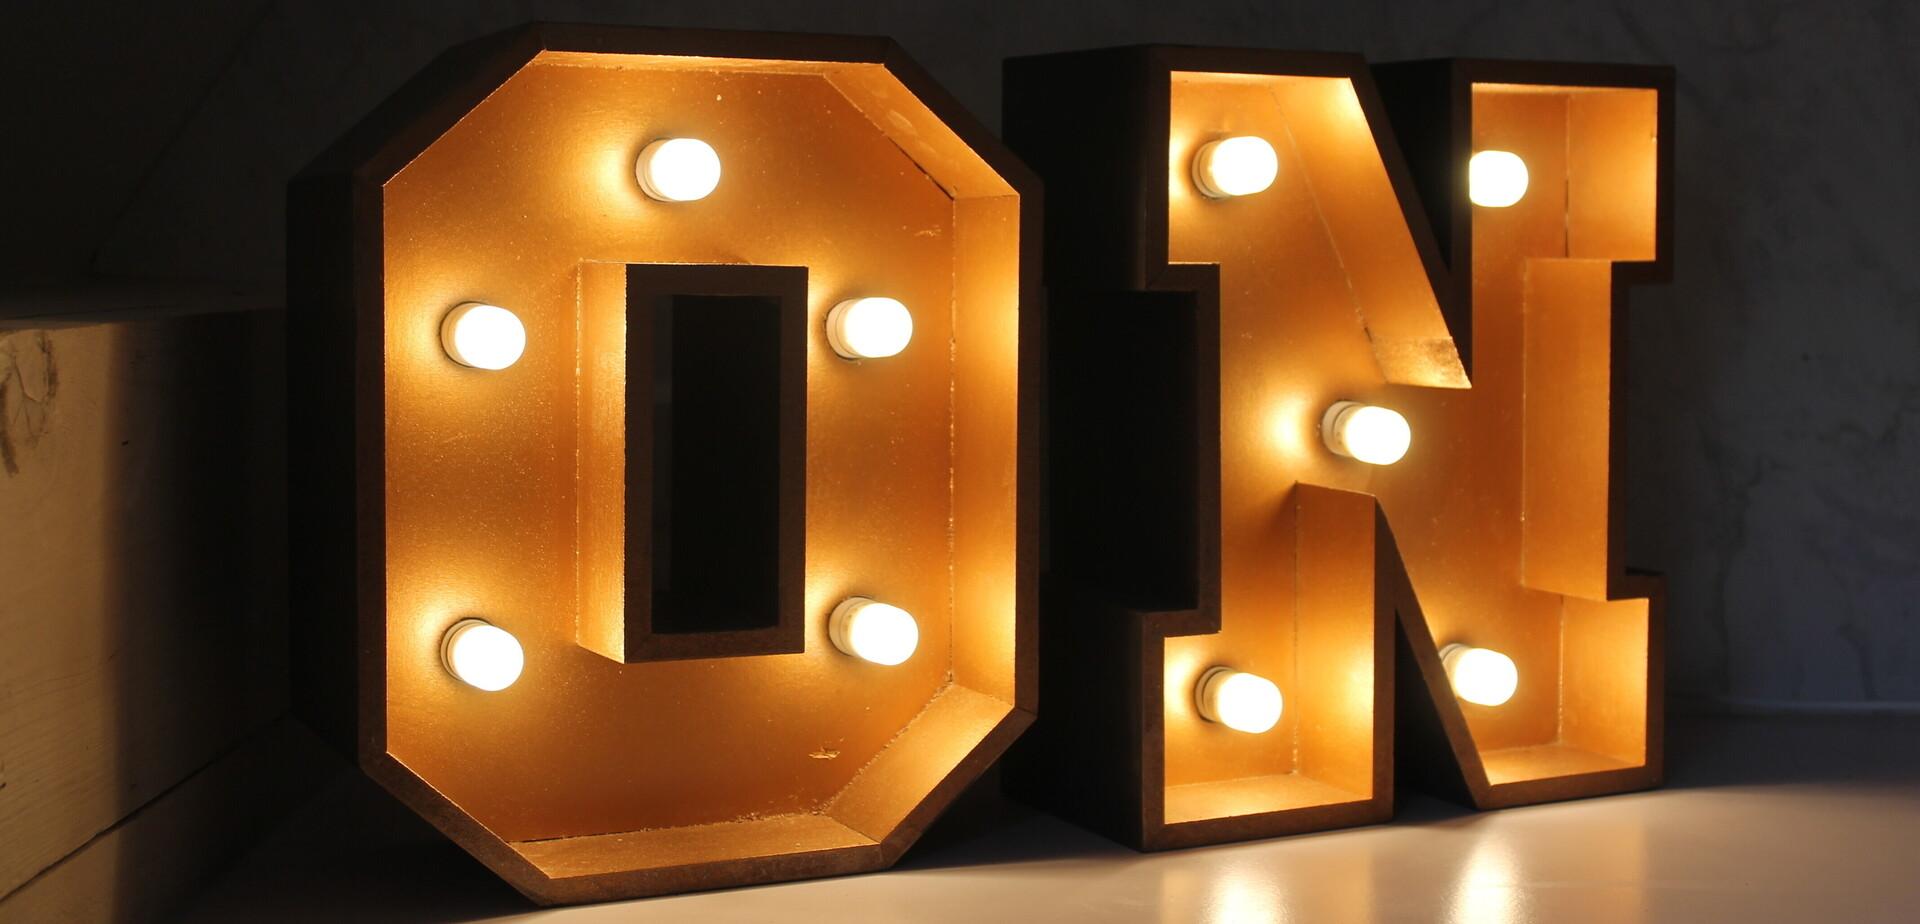 Lichtletters Maken Brico Voor De Makers